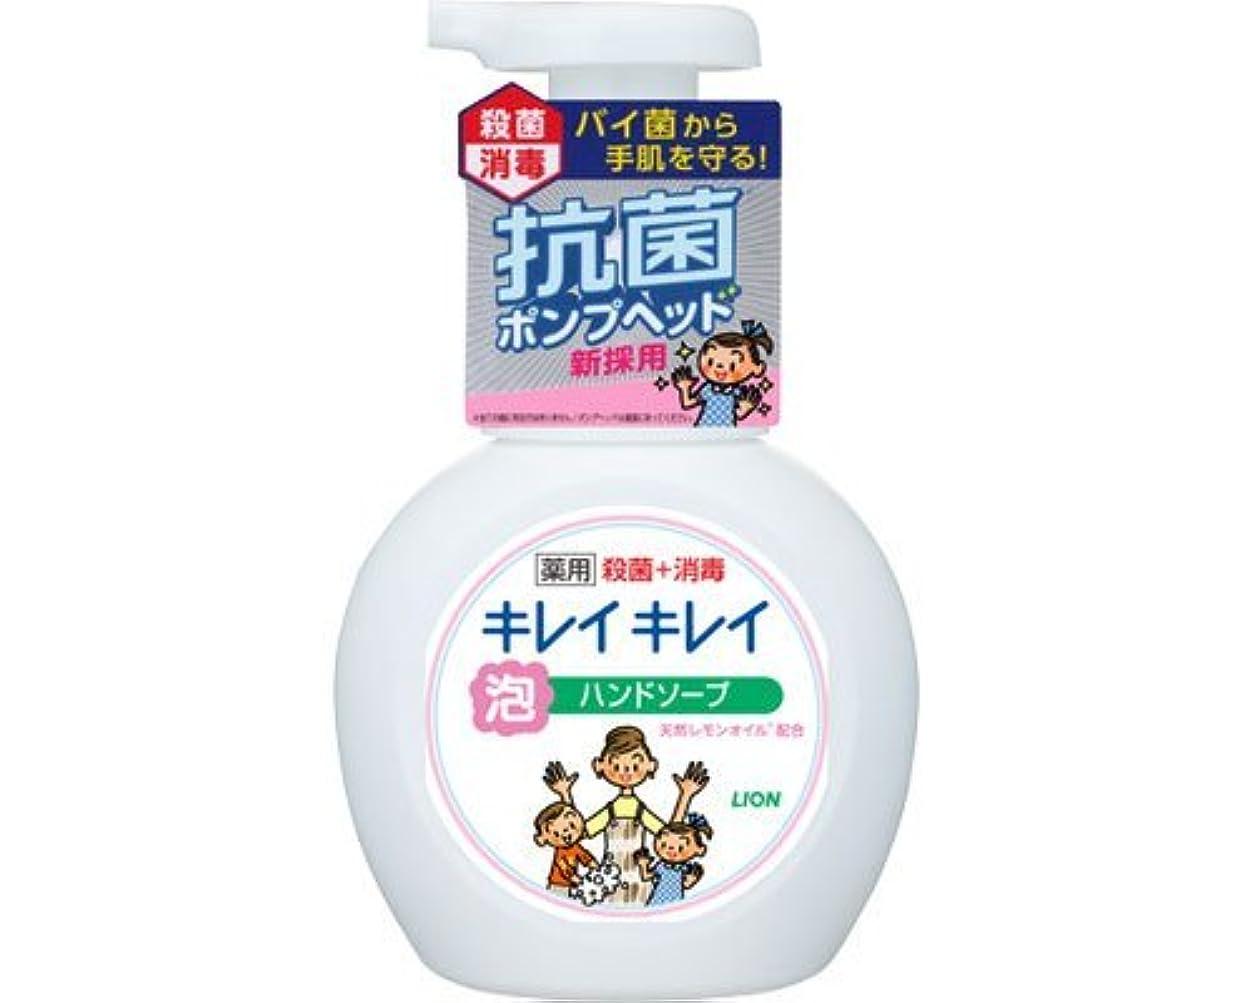 お嬢主張する勧告キレイキレイ薬用泡ハンドソープ 250mLポンプ (ライオン) (手指洗浄)